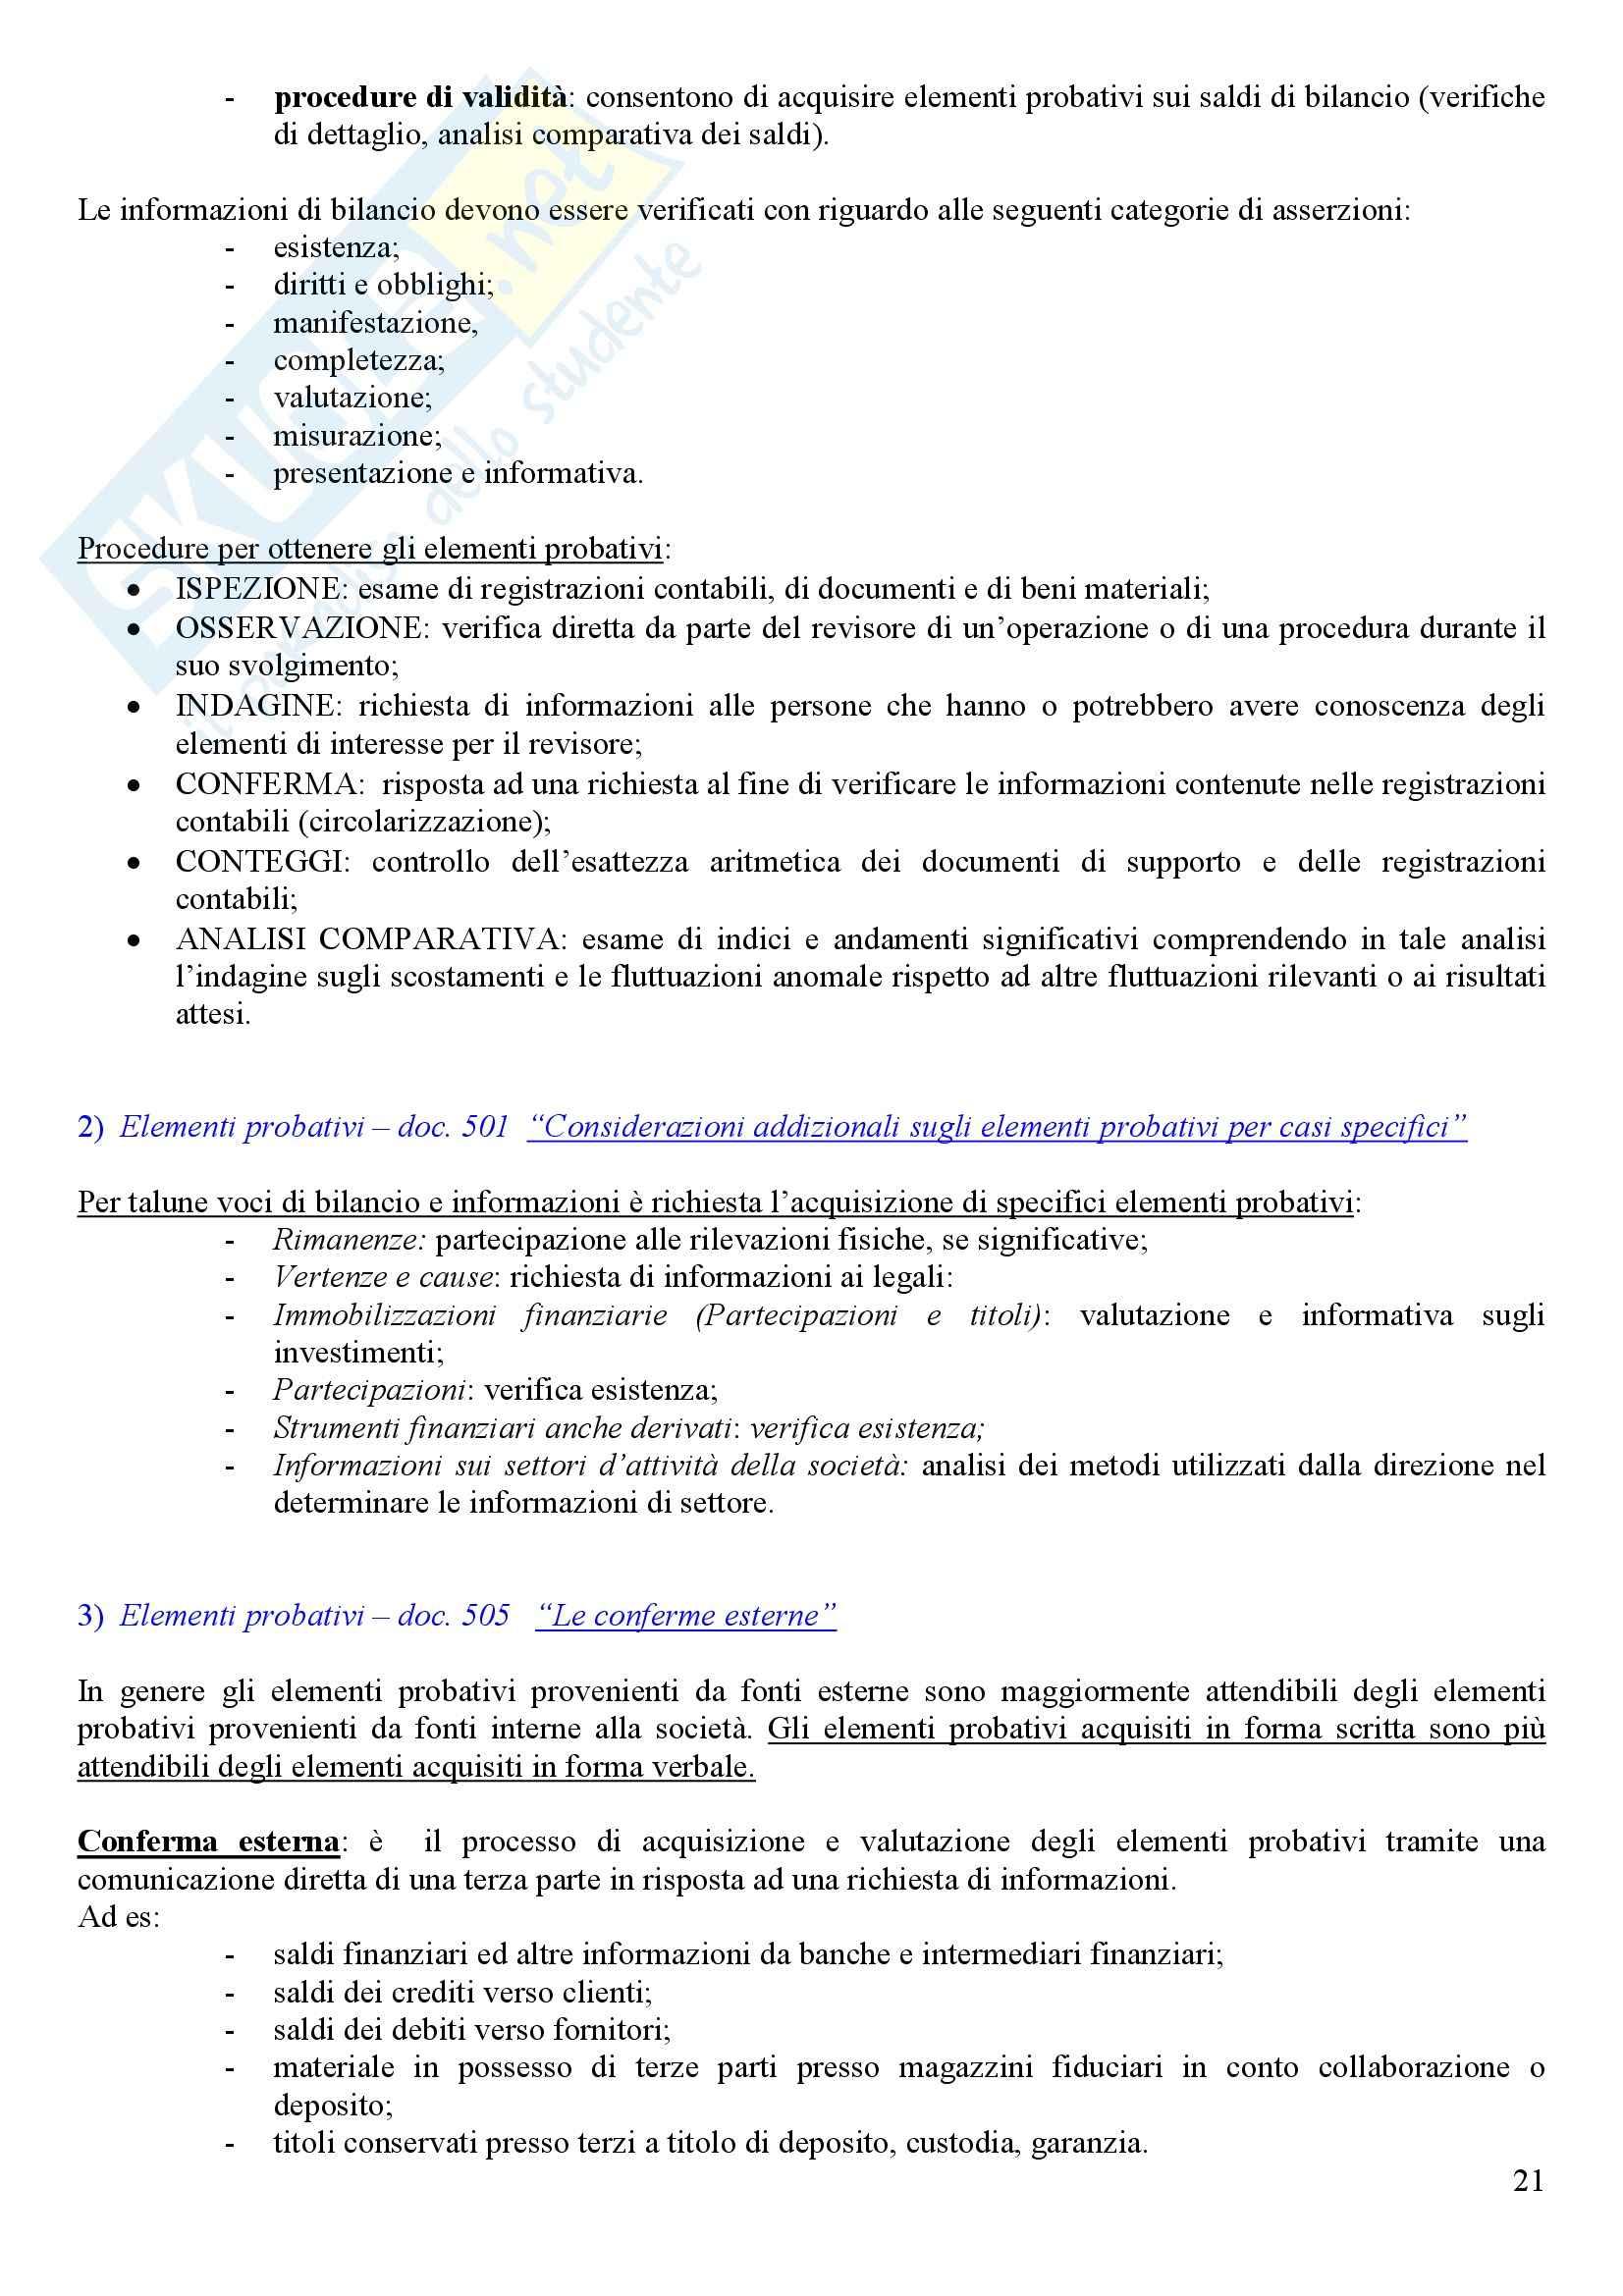 Revisione aziendale - programma Pag. 21